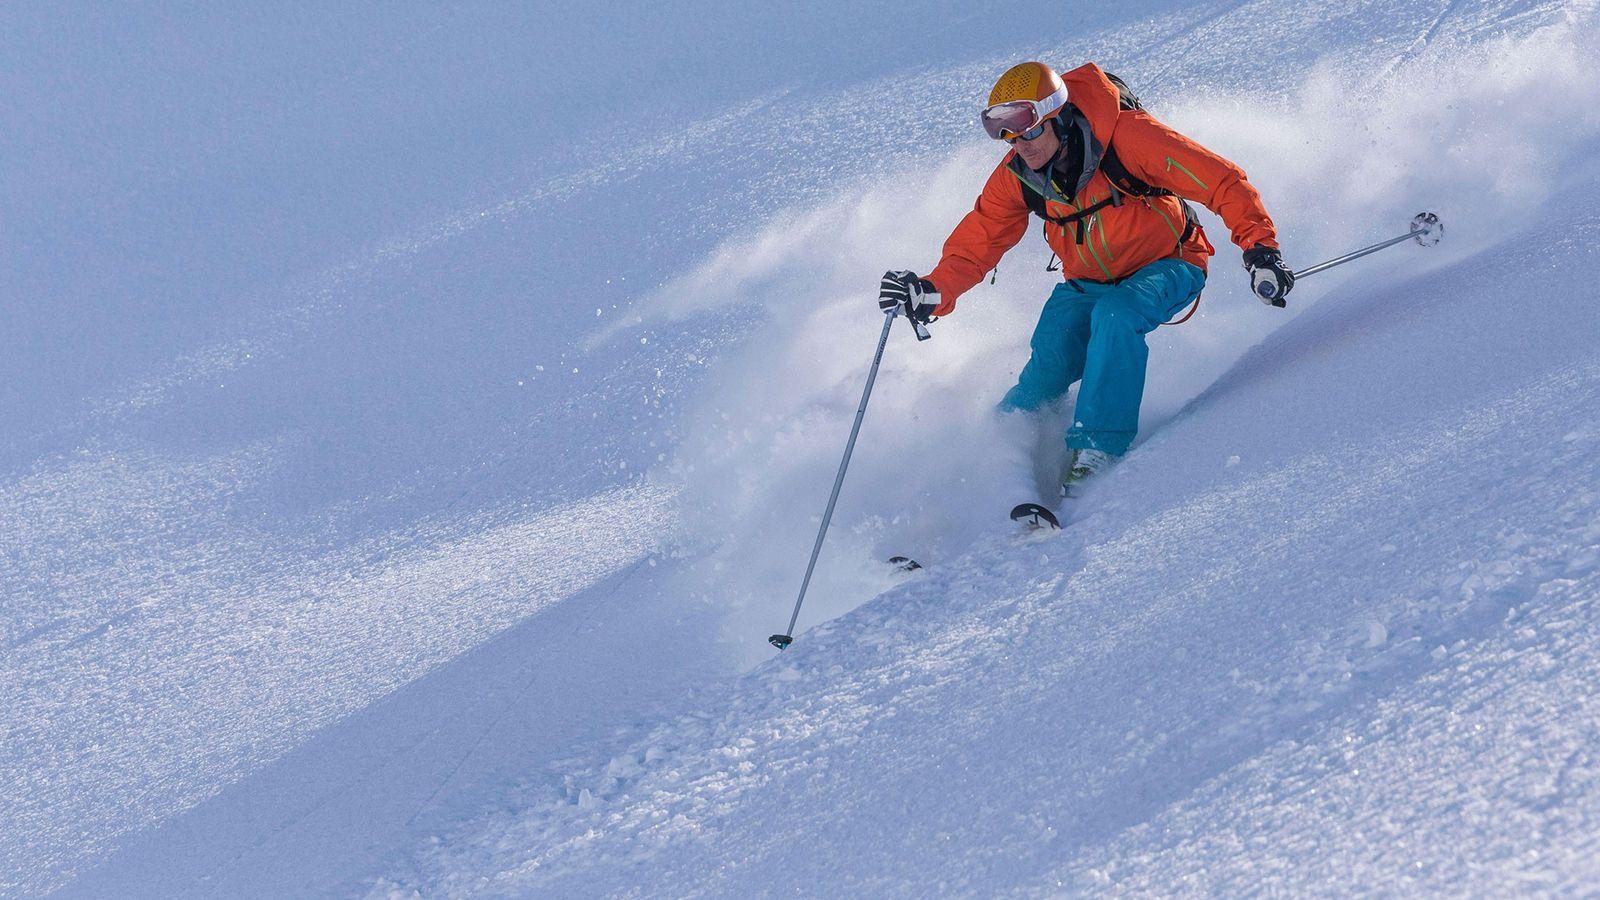 La nieve sale volando tras un esquiador en la península islandesa de los Trolls.